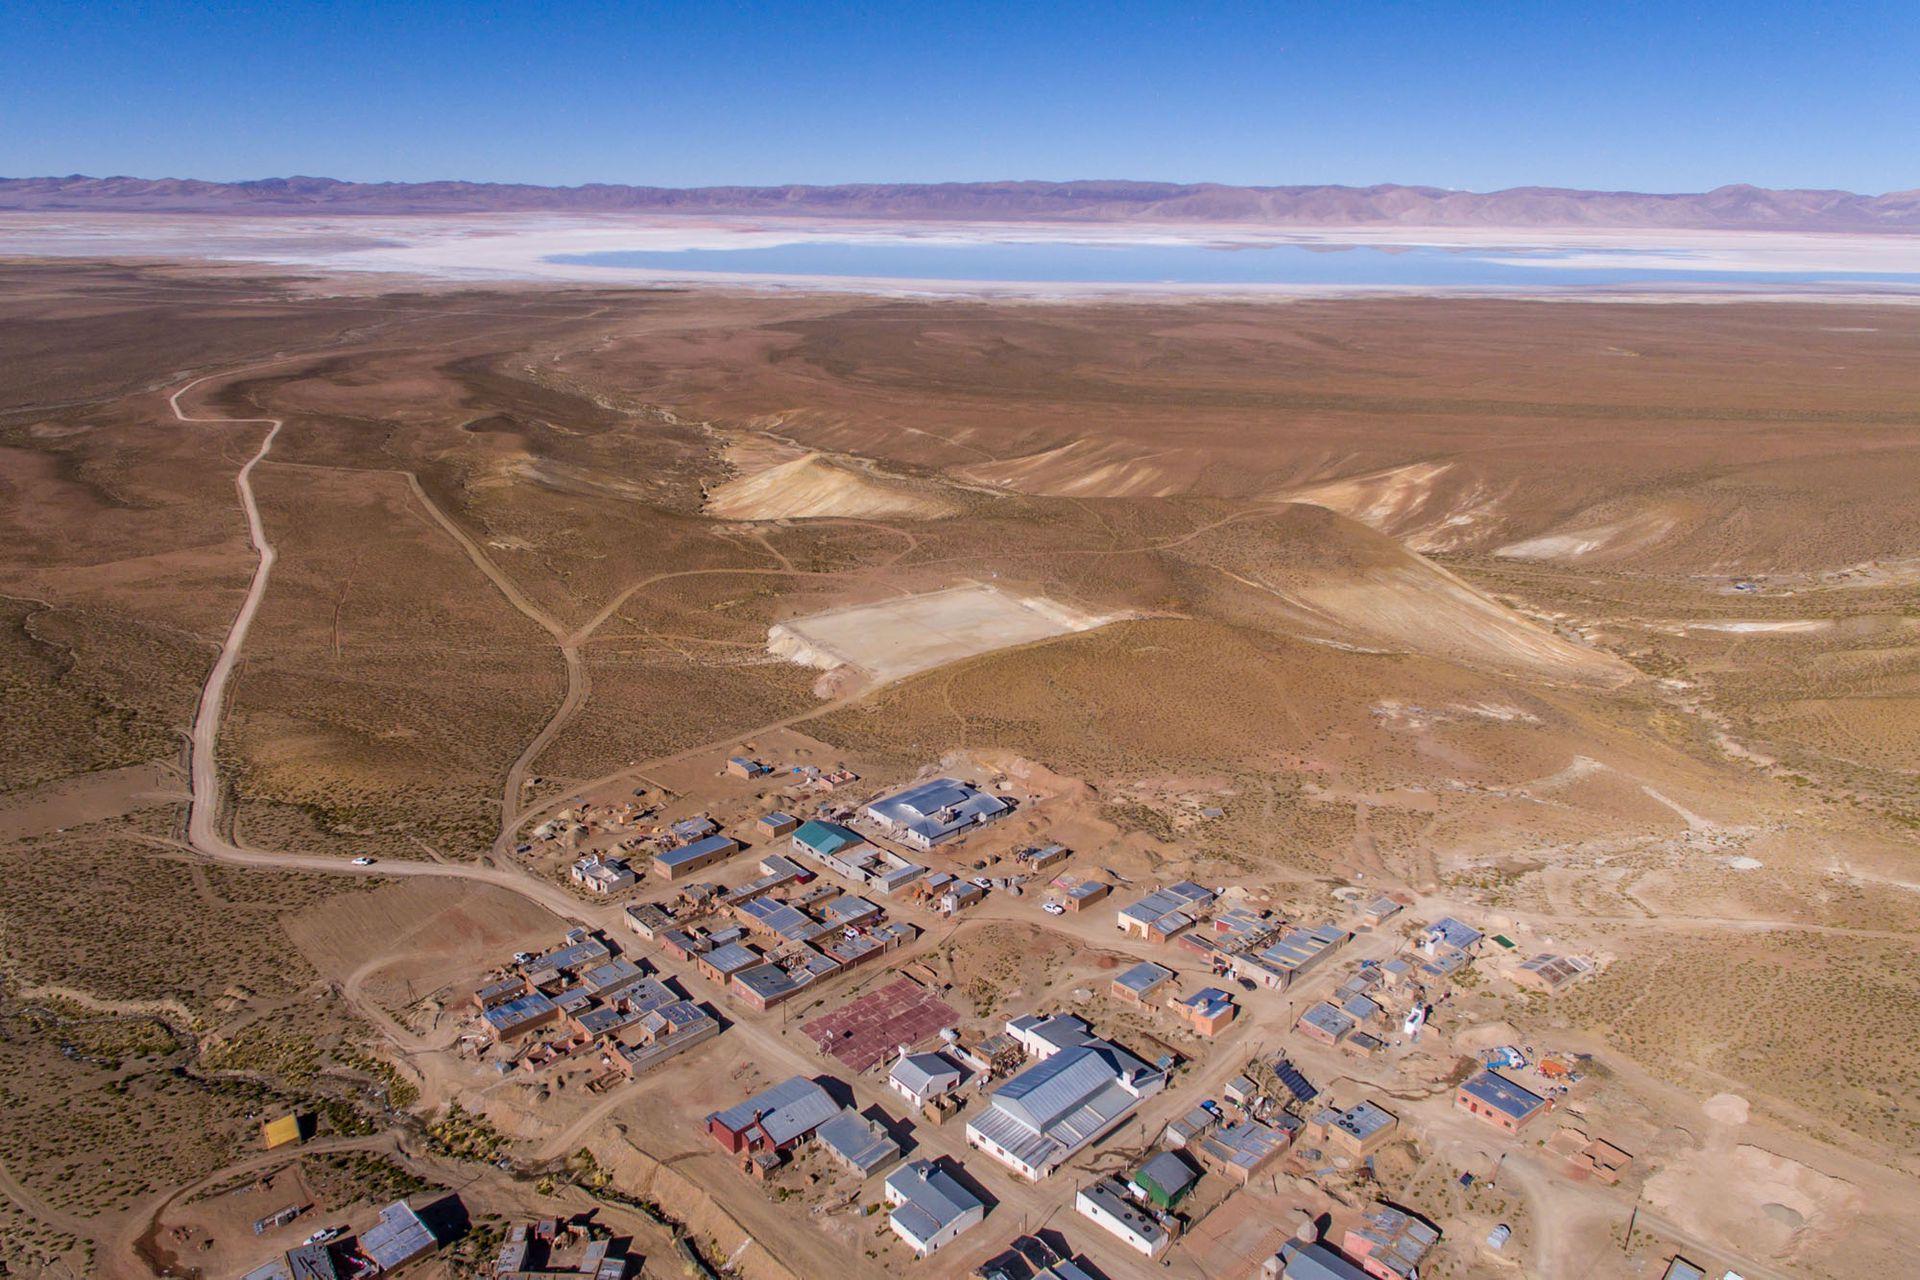 La comunidad Olaroz, al fondo el salar y la mina Sales de Jujuy